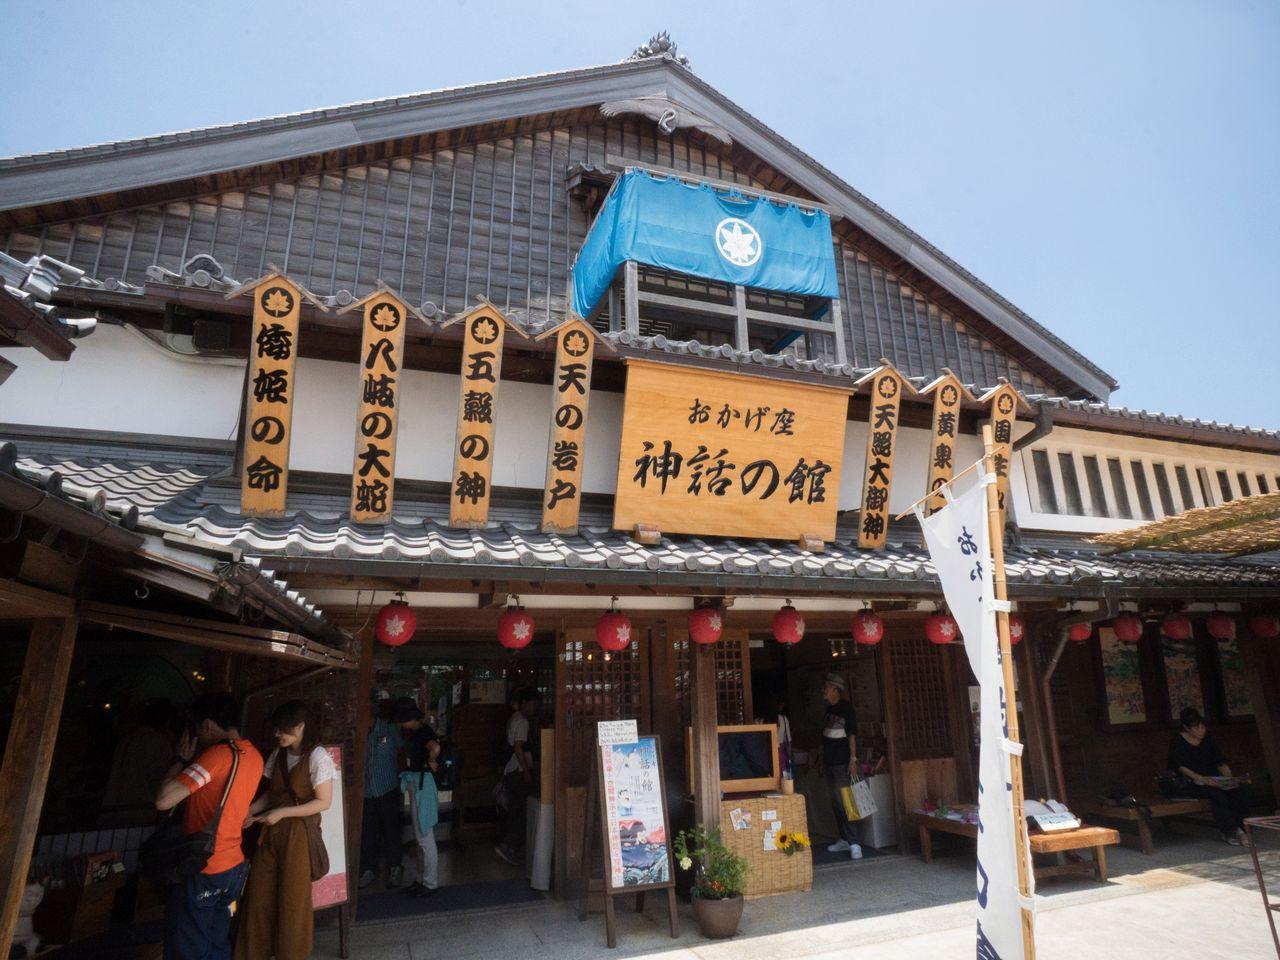 Зал Синва-но Яката театра Окагэ-дза открыт круглый год. Входная плата составляет 300 йен для взрослых, 100 йен для детей в возрасте до 11 лет